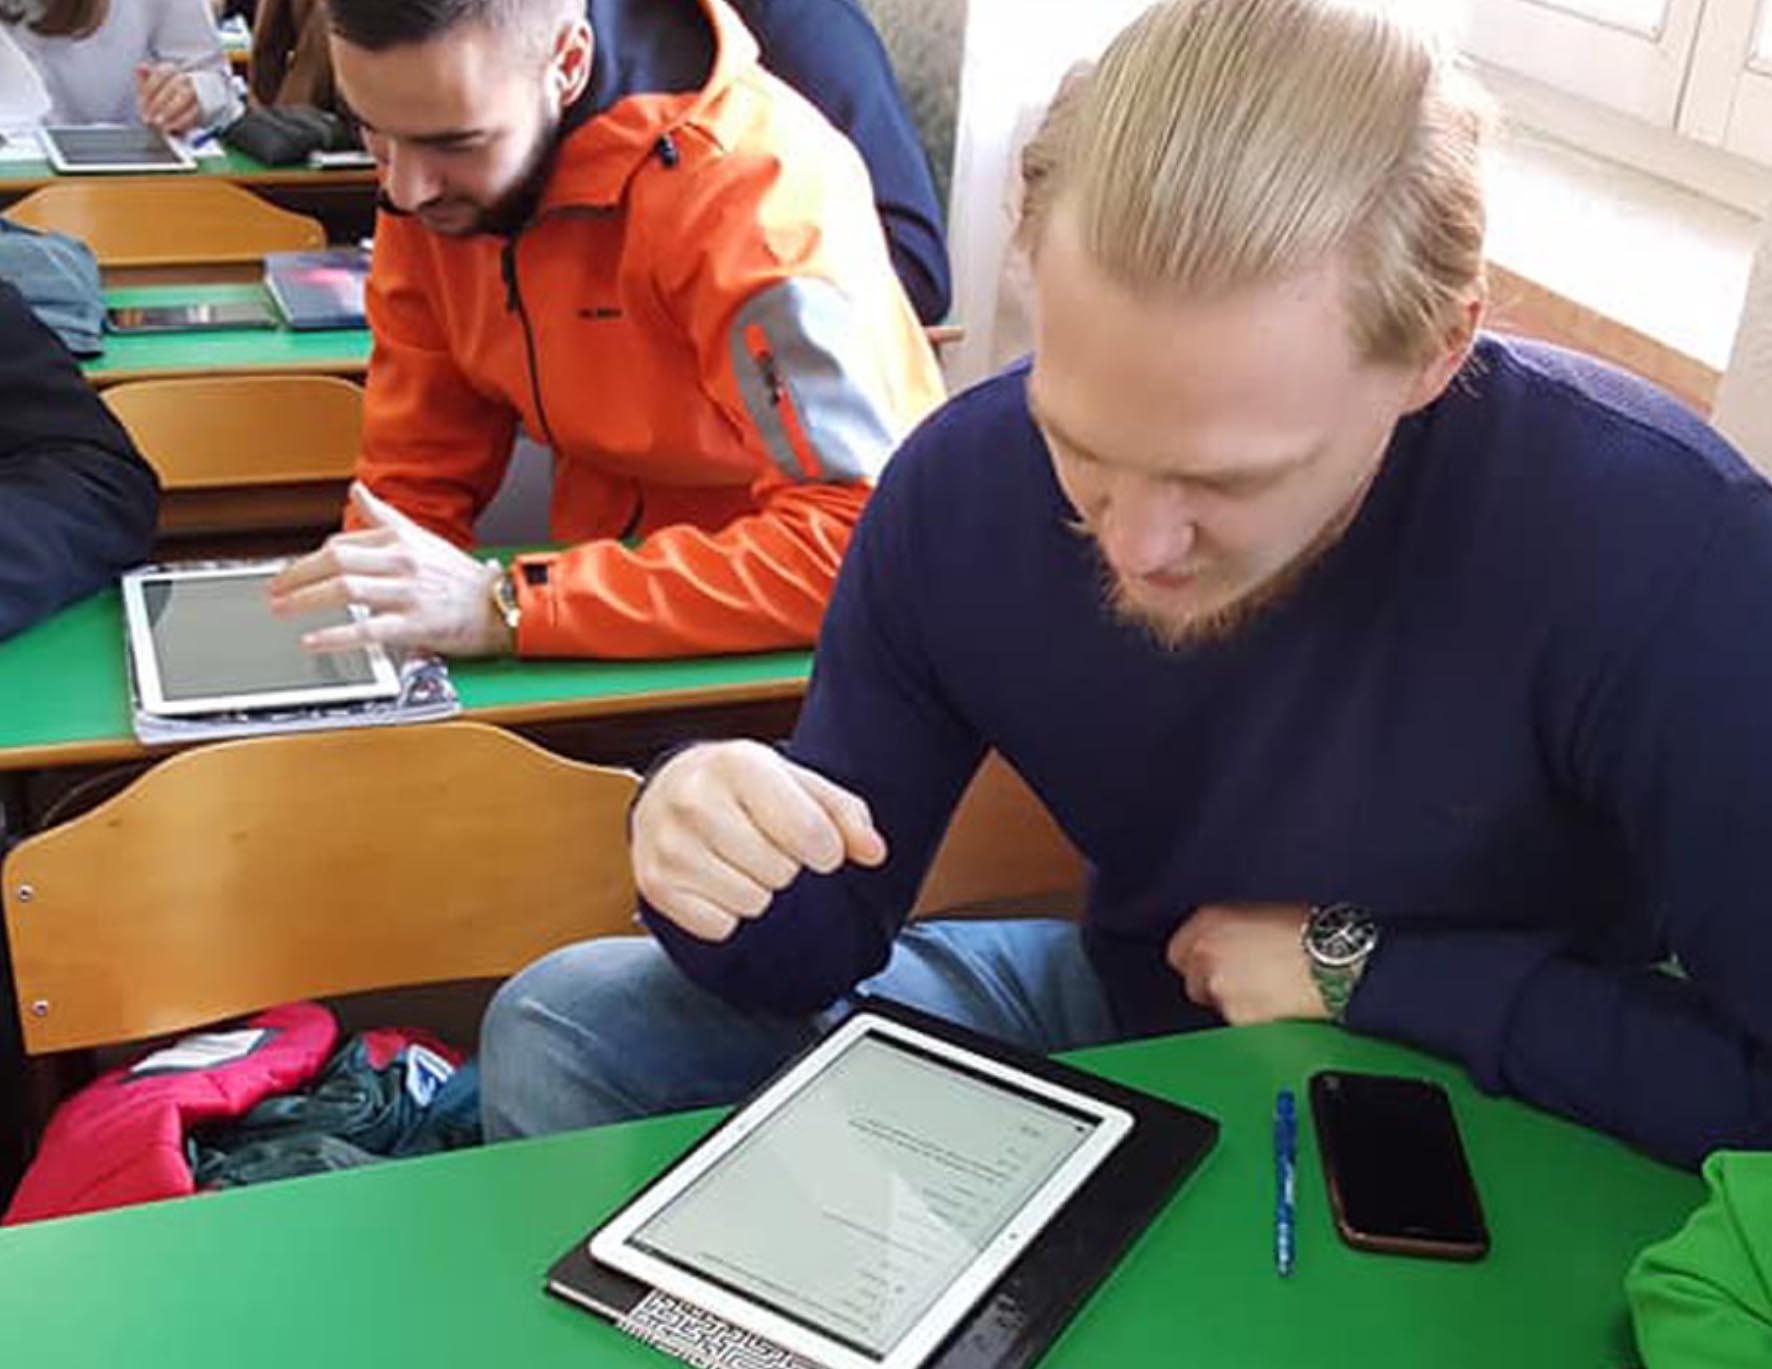 Prikupljanje informacija o interesu učenika za studij na Univerzitetu u Bihaću